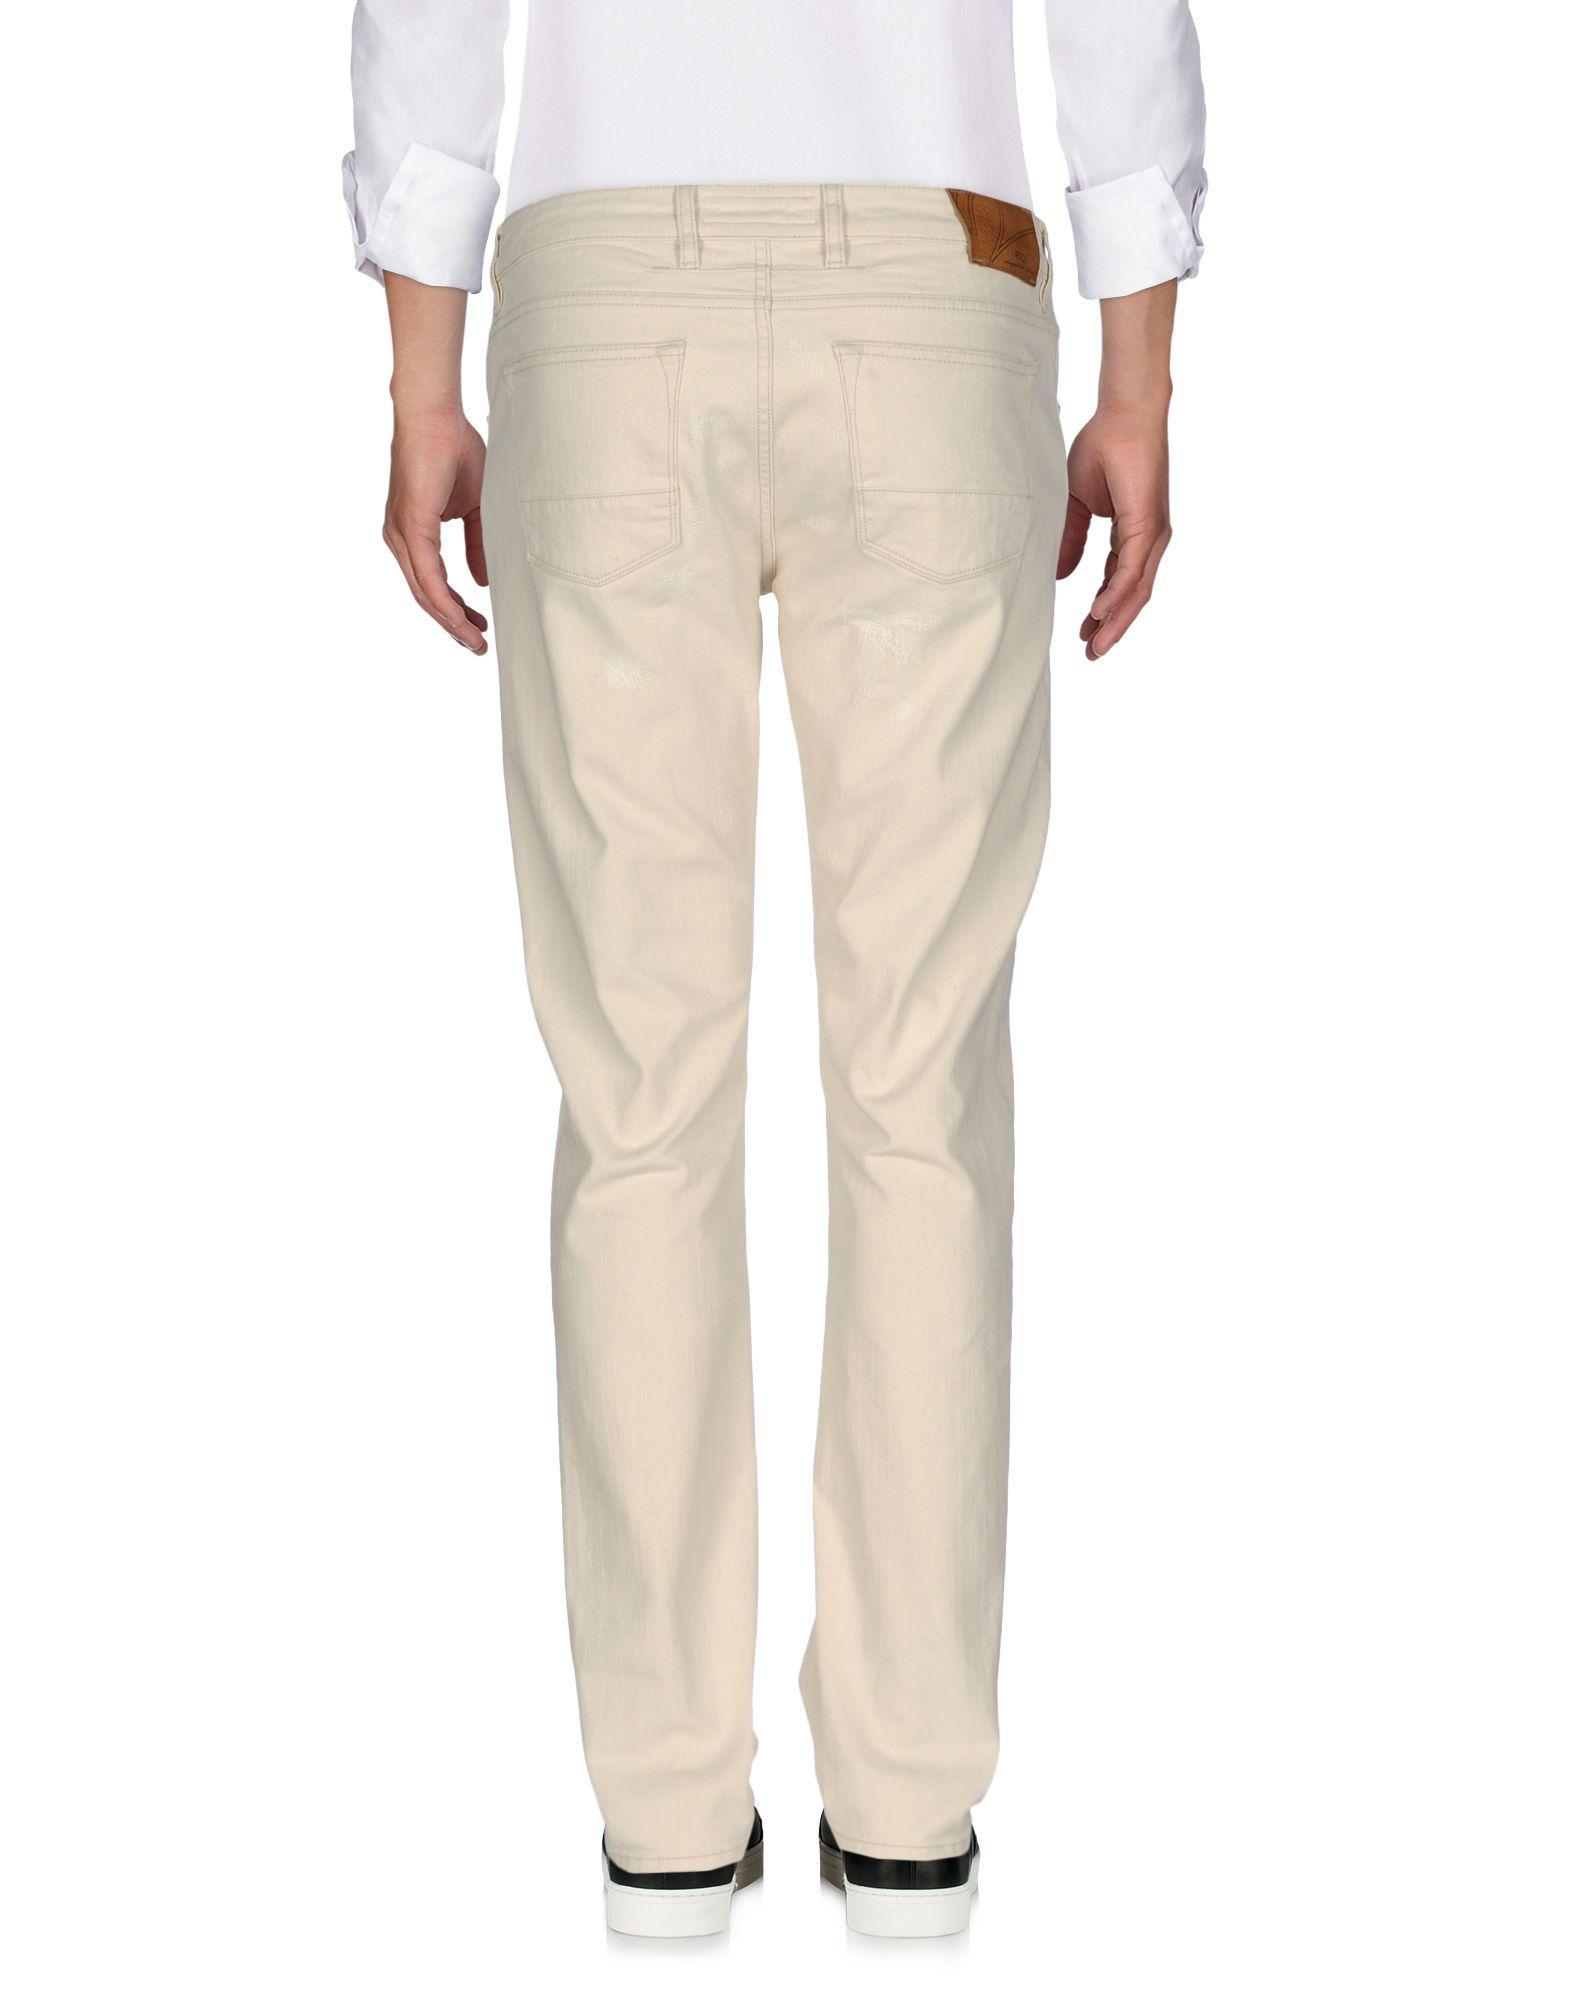 PT Torino Denim Trousers in Ivory (White) for Men